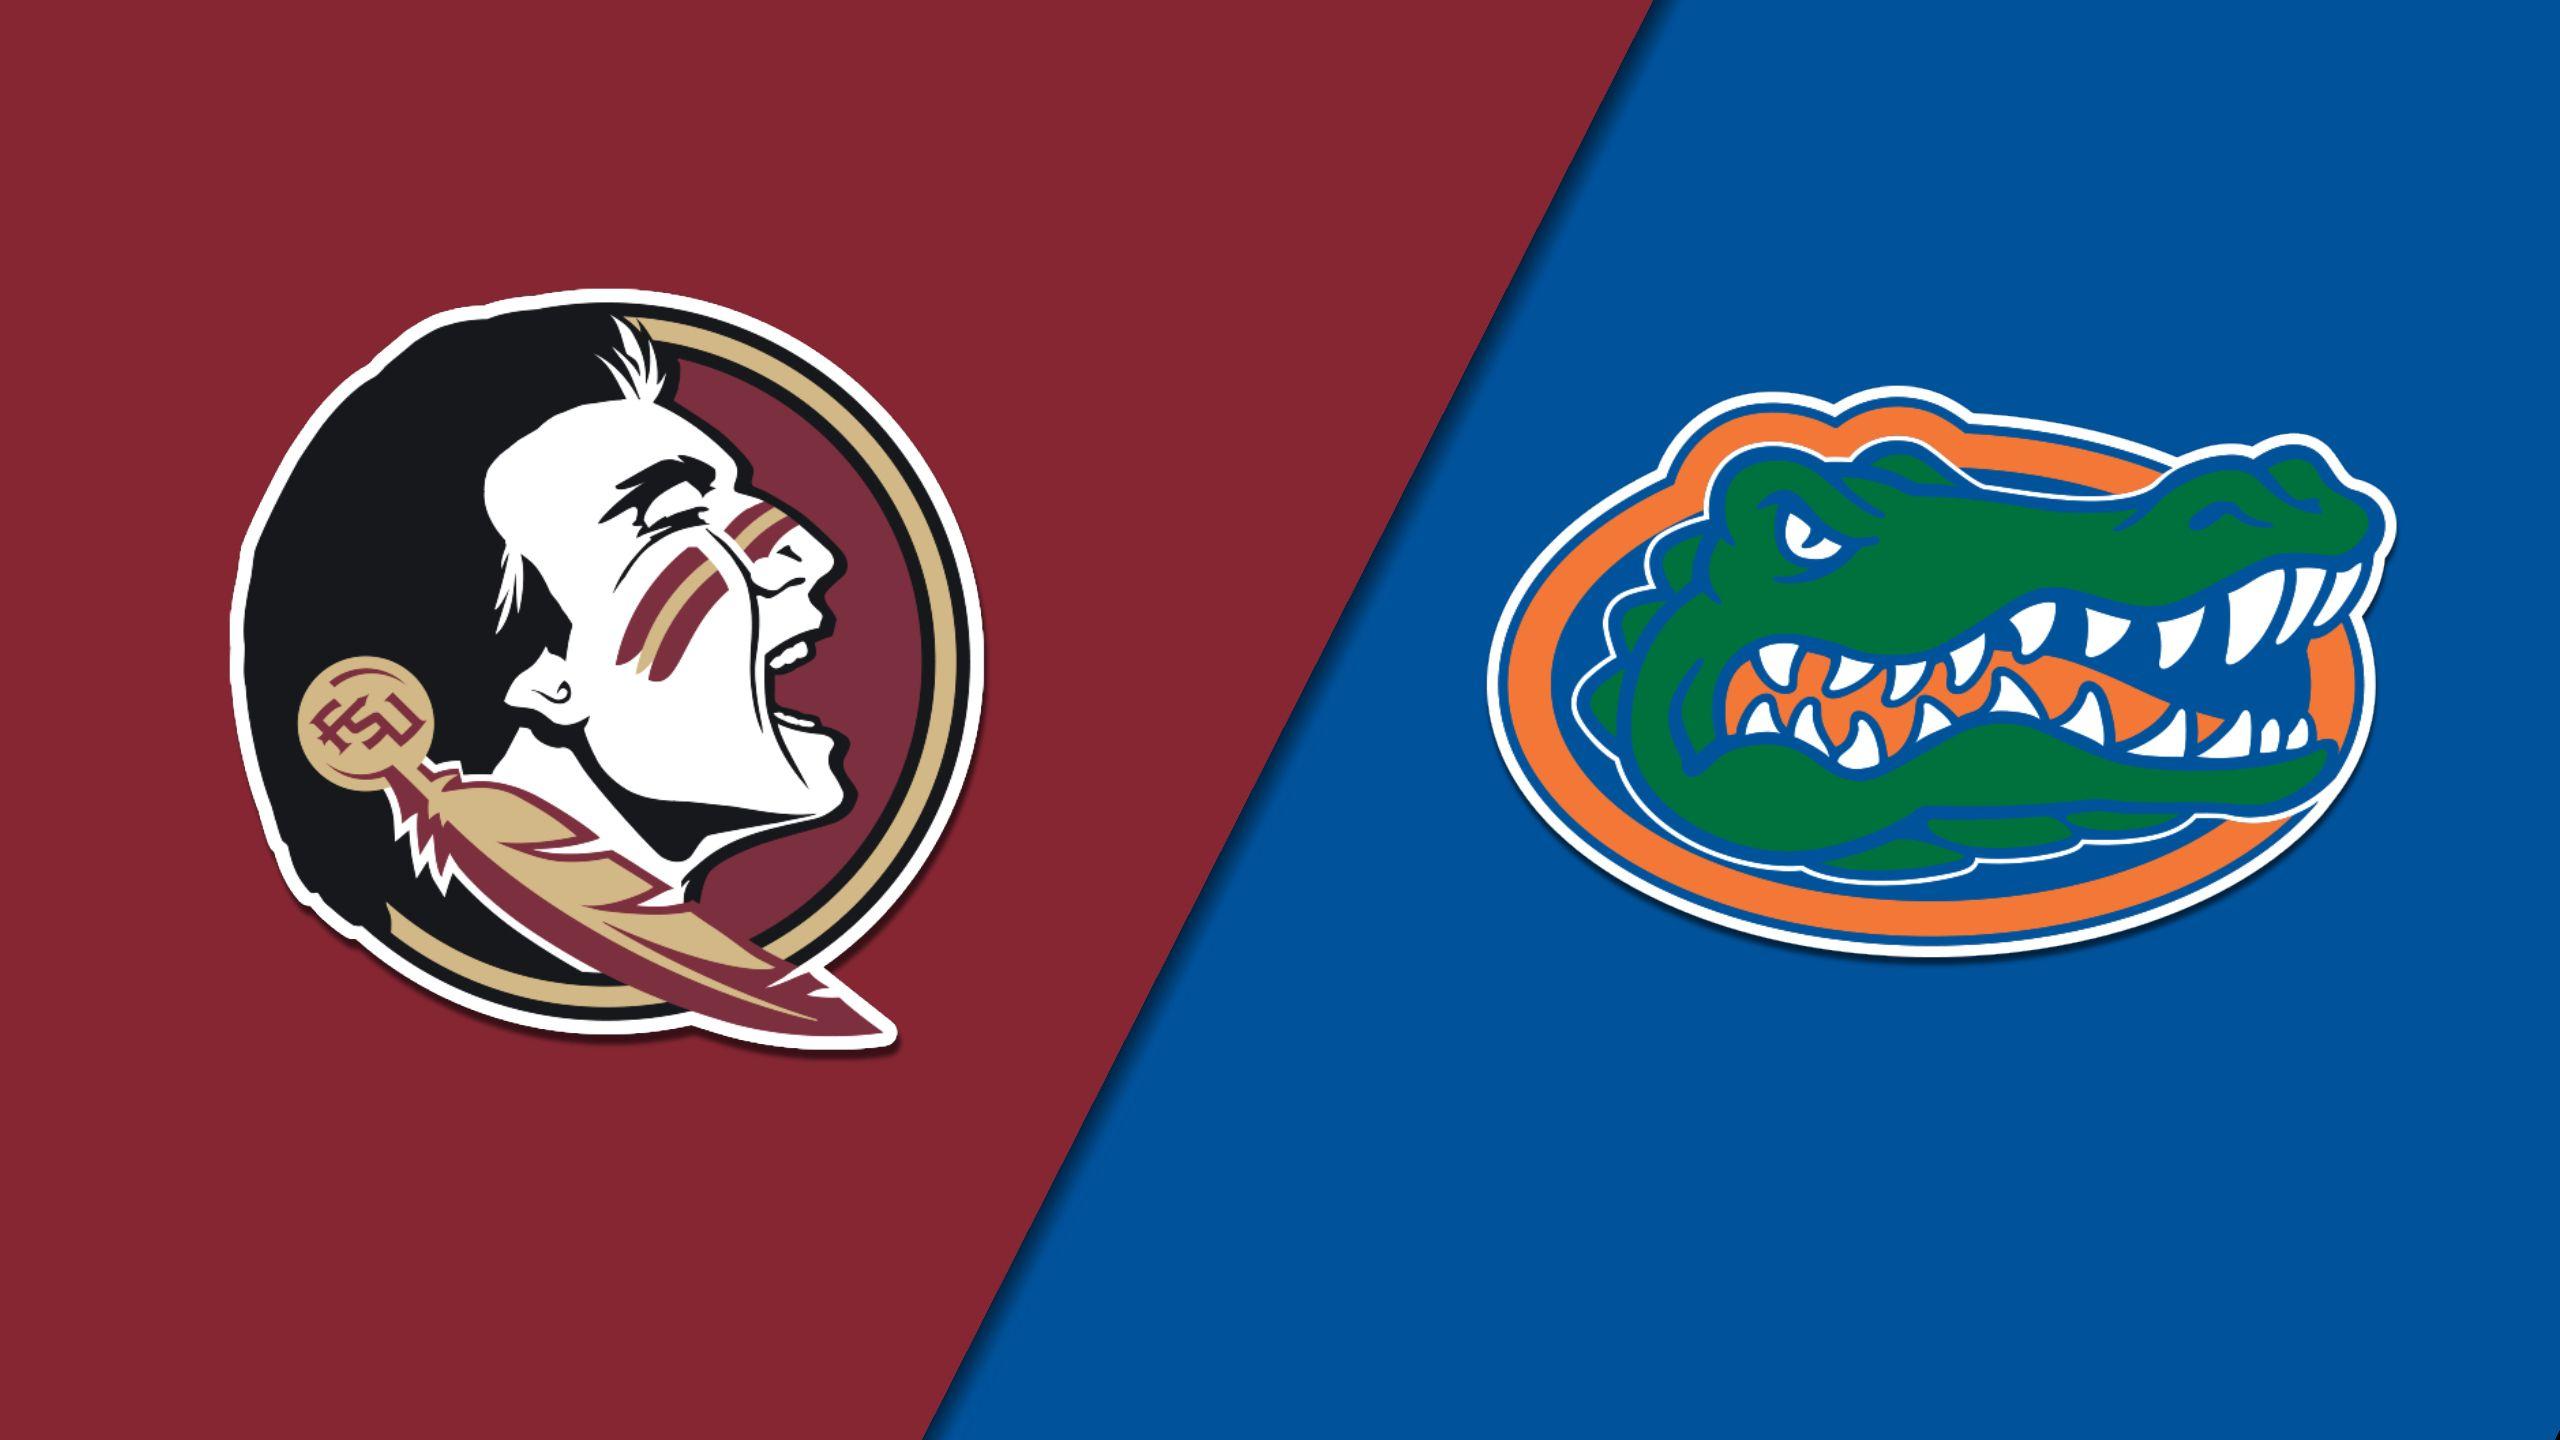 #7 Florida State vs. #2 Florida (Baseball)